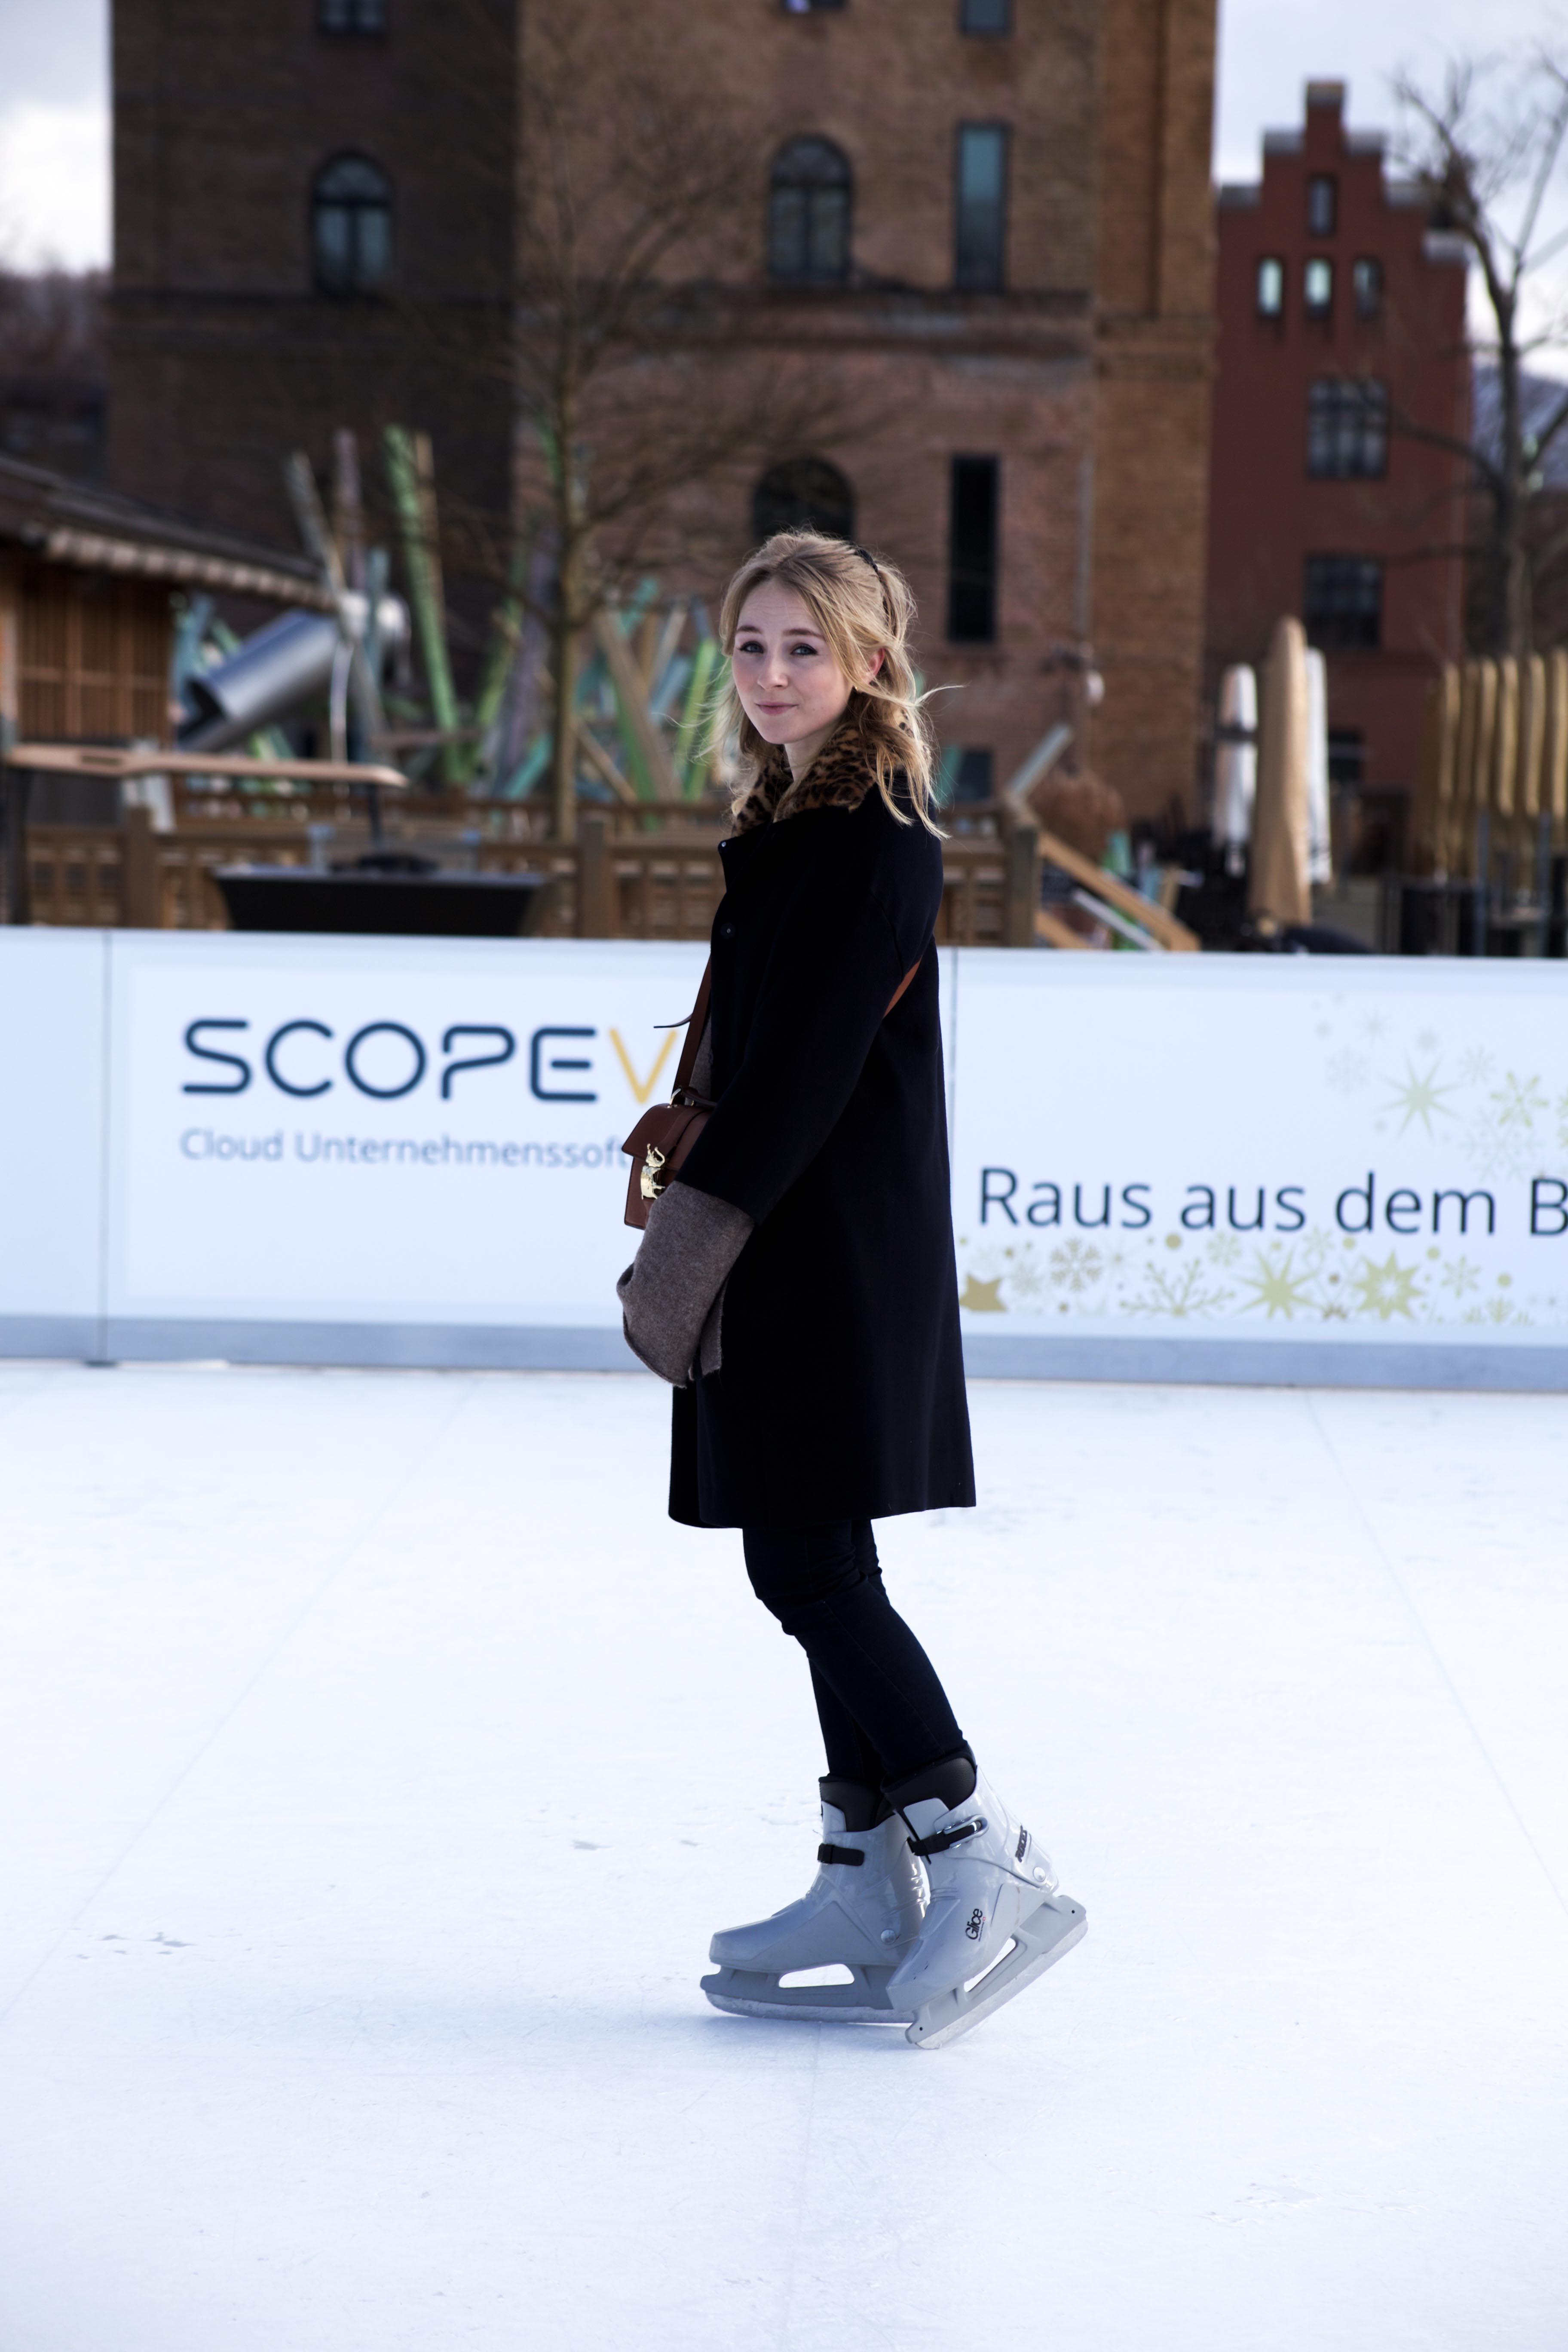 schlittschuhlaufen-winter-outfit-leo-kragen-tasche-käfer_8928